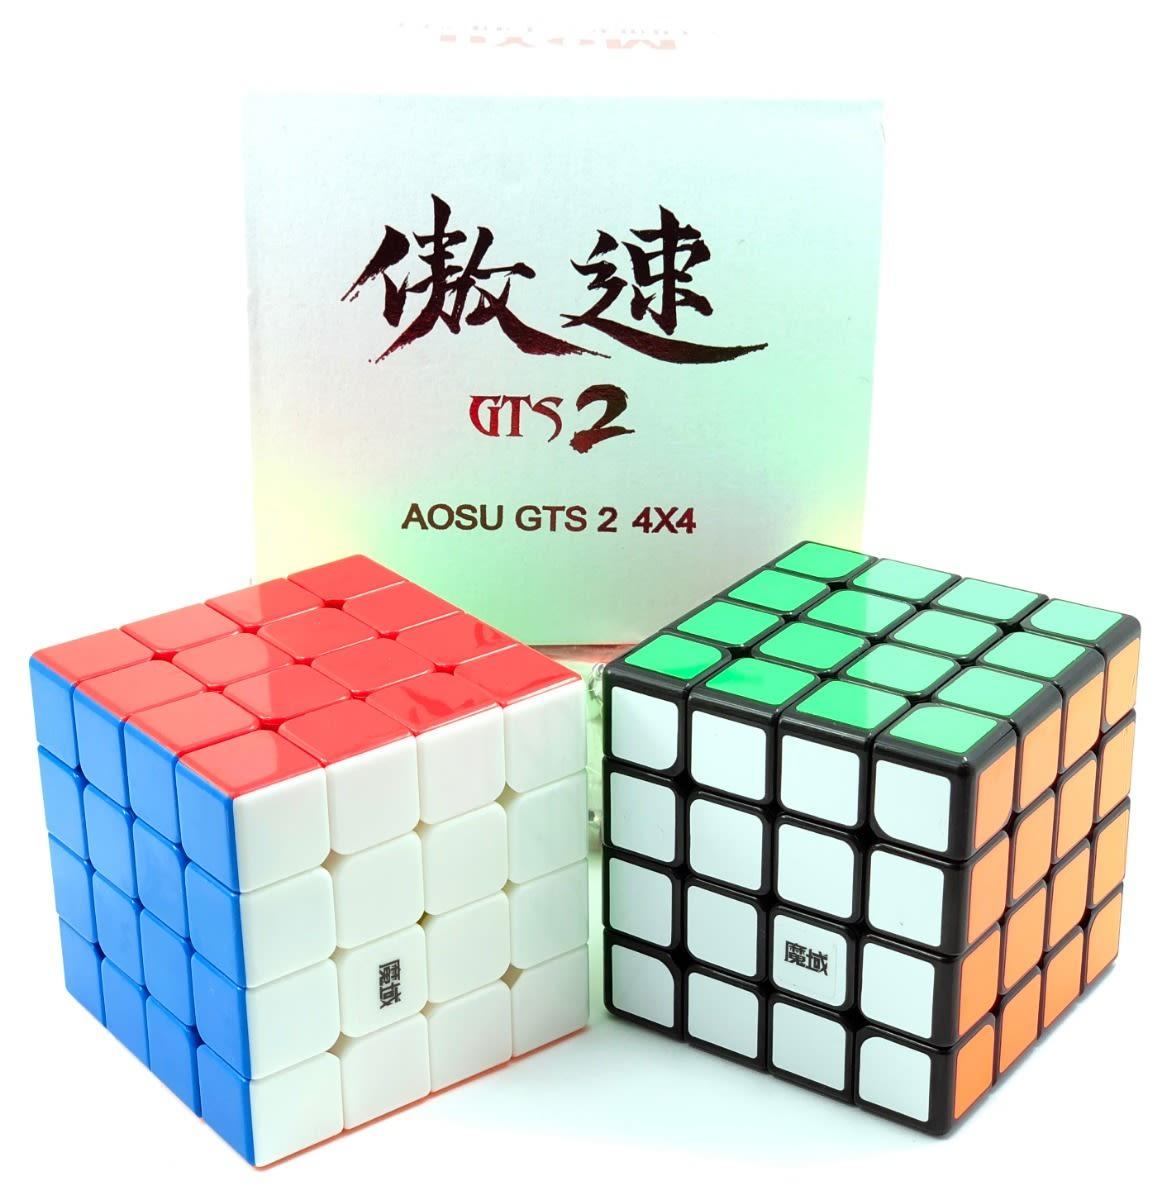 4x4x4 Aosu GTS v2